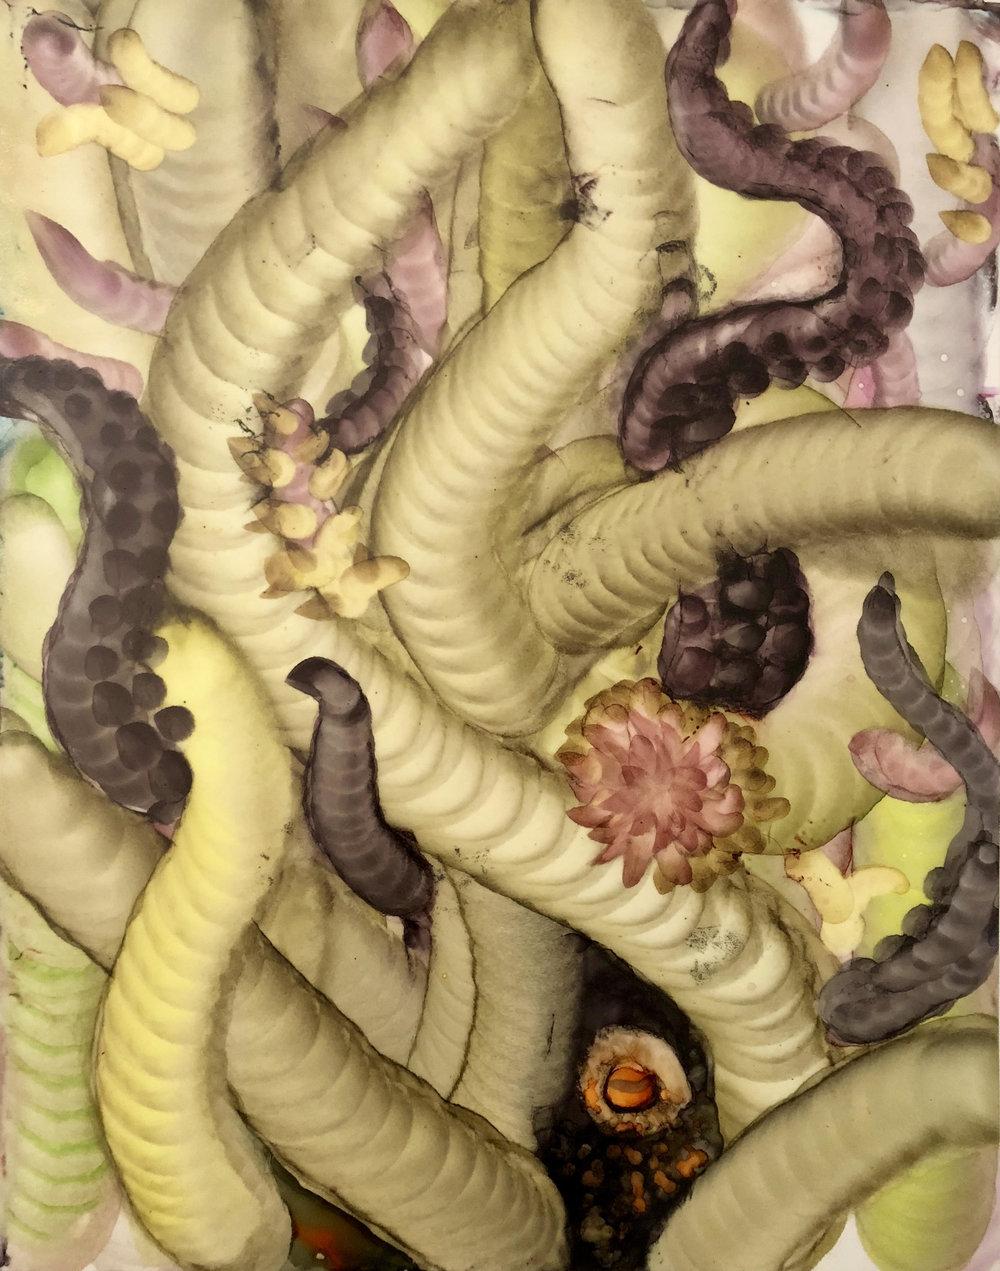 Bahar Sabsevari, Sleeping Beauty ٫ 11x14 in, watercolor and ink on maylar. 2018